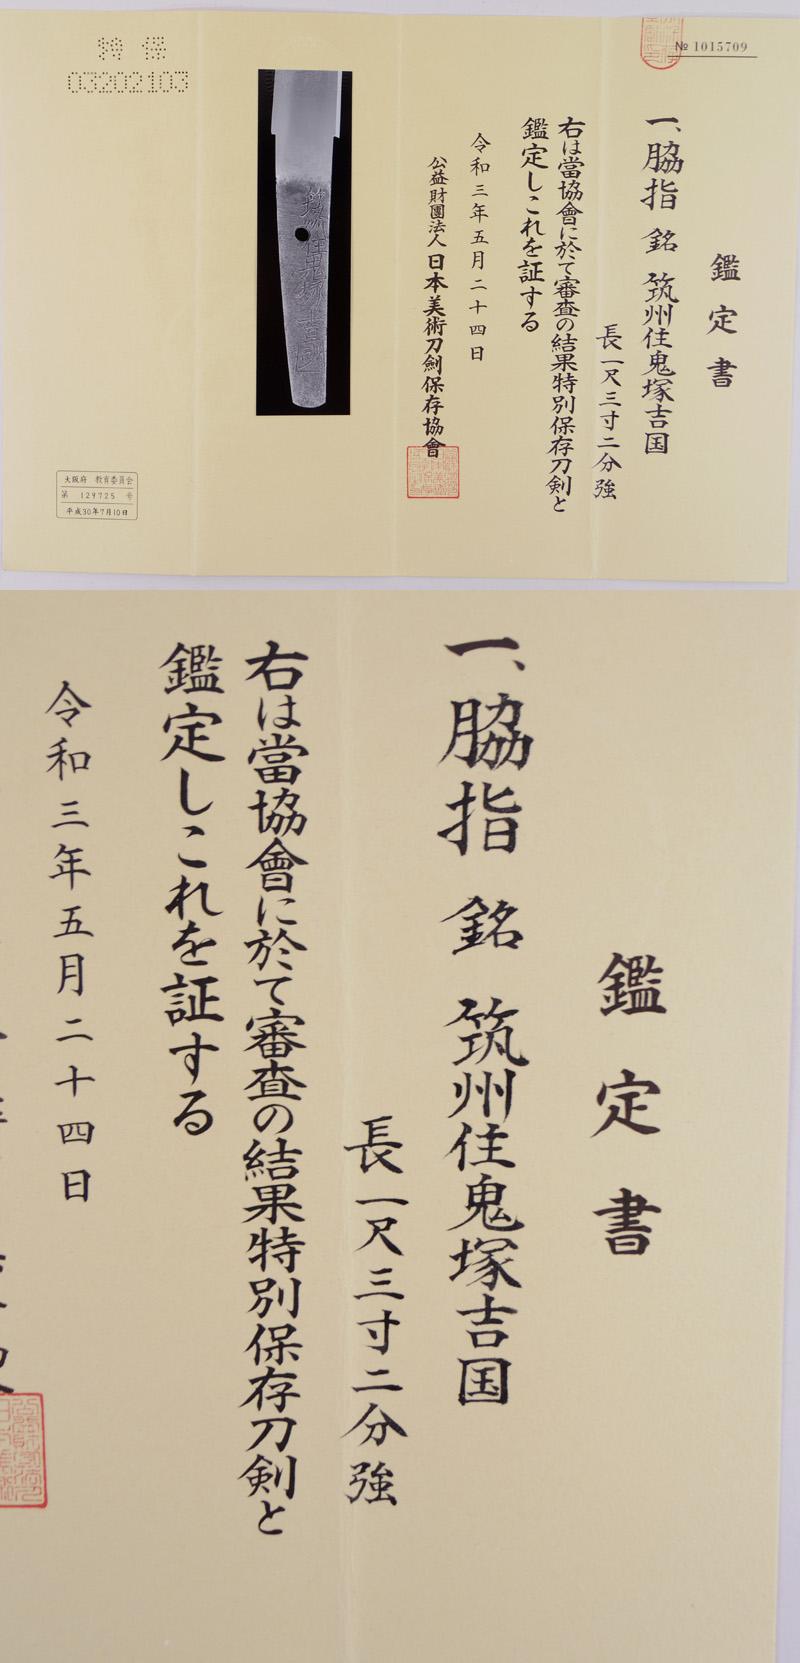 脇差 筑州住鬼塚吉国  (新刀上作) (業物)鑑定書画像